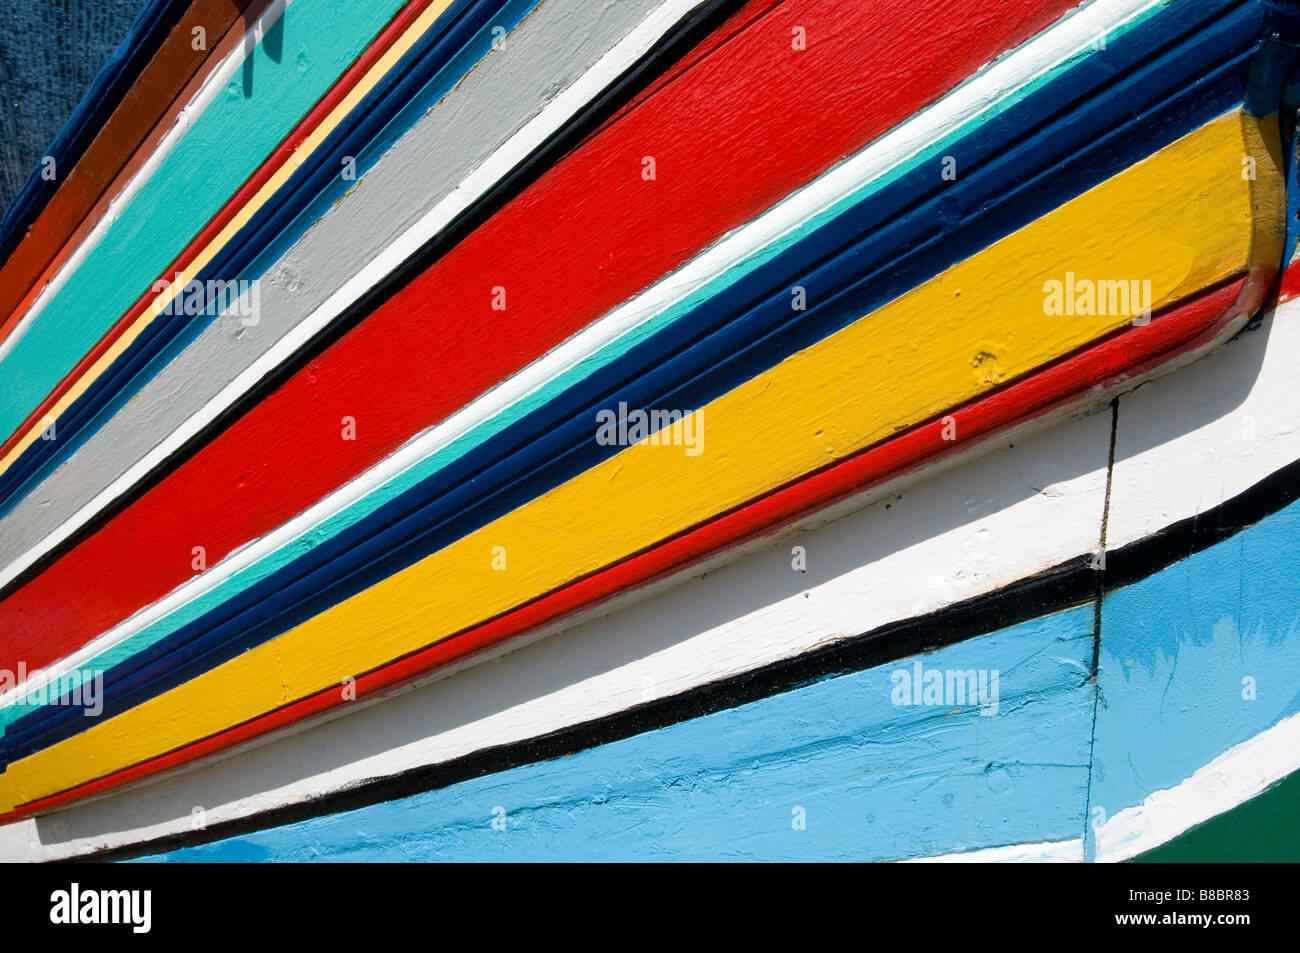 Bunte traditionelle Fischer Boote in Kelantan Malaysia diese Holzboote wurden von Boot-Hersteller in Süd-Thailand. Stockbild